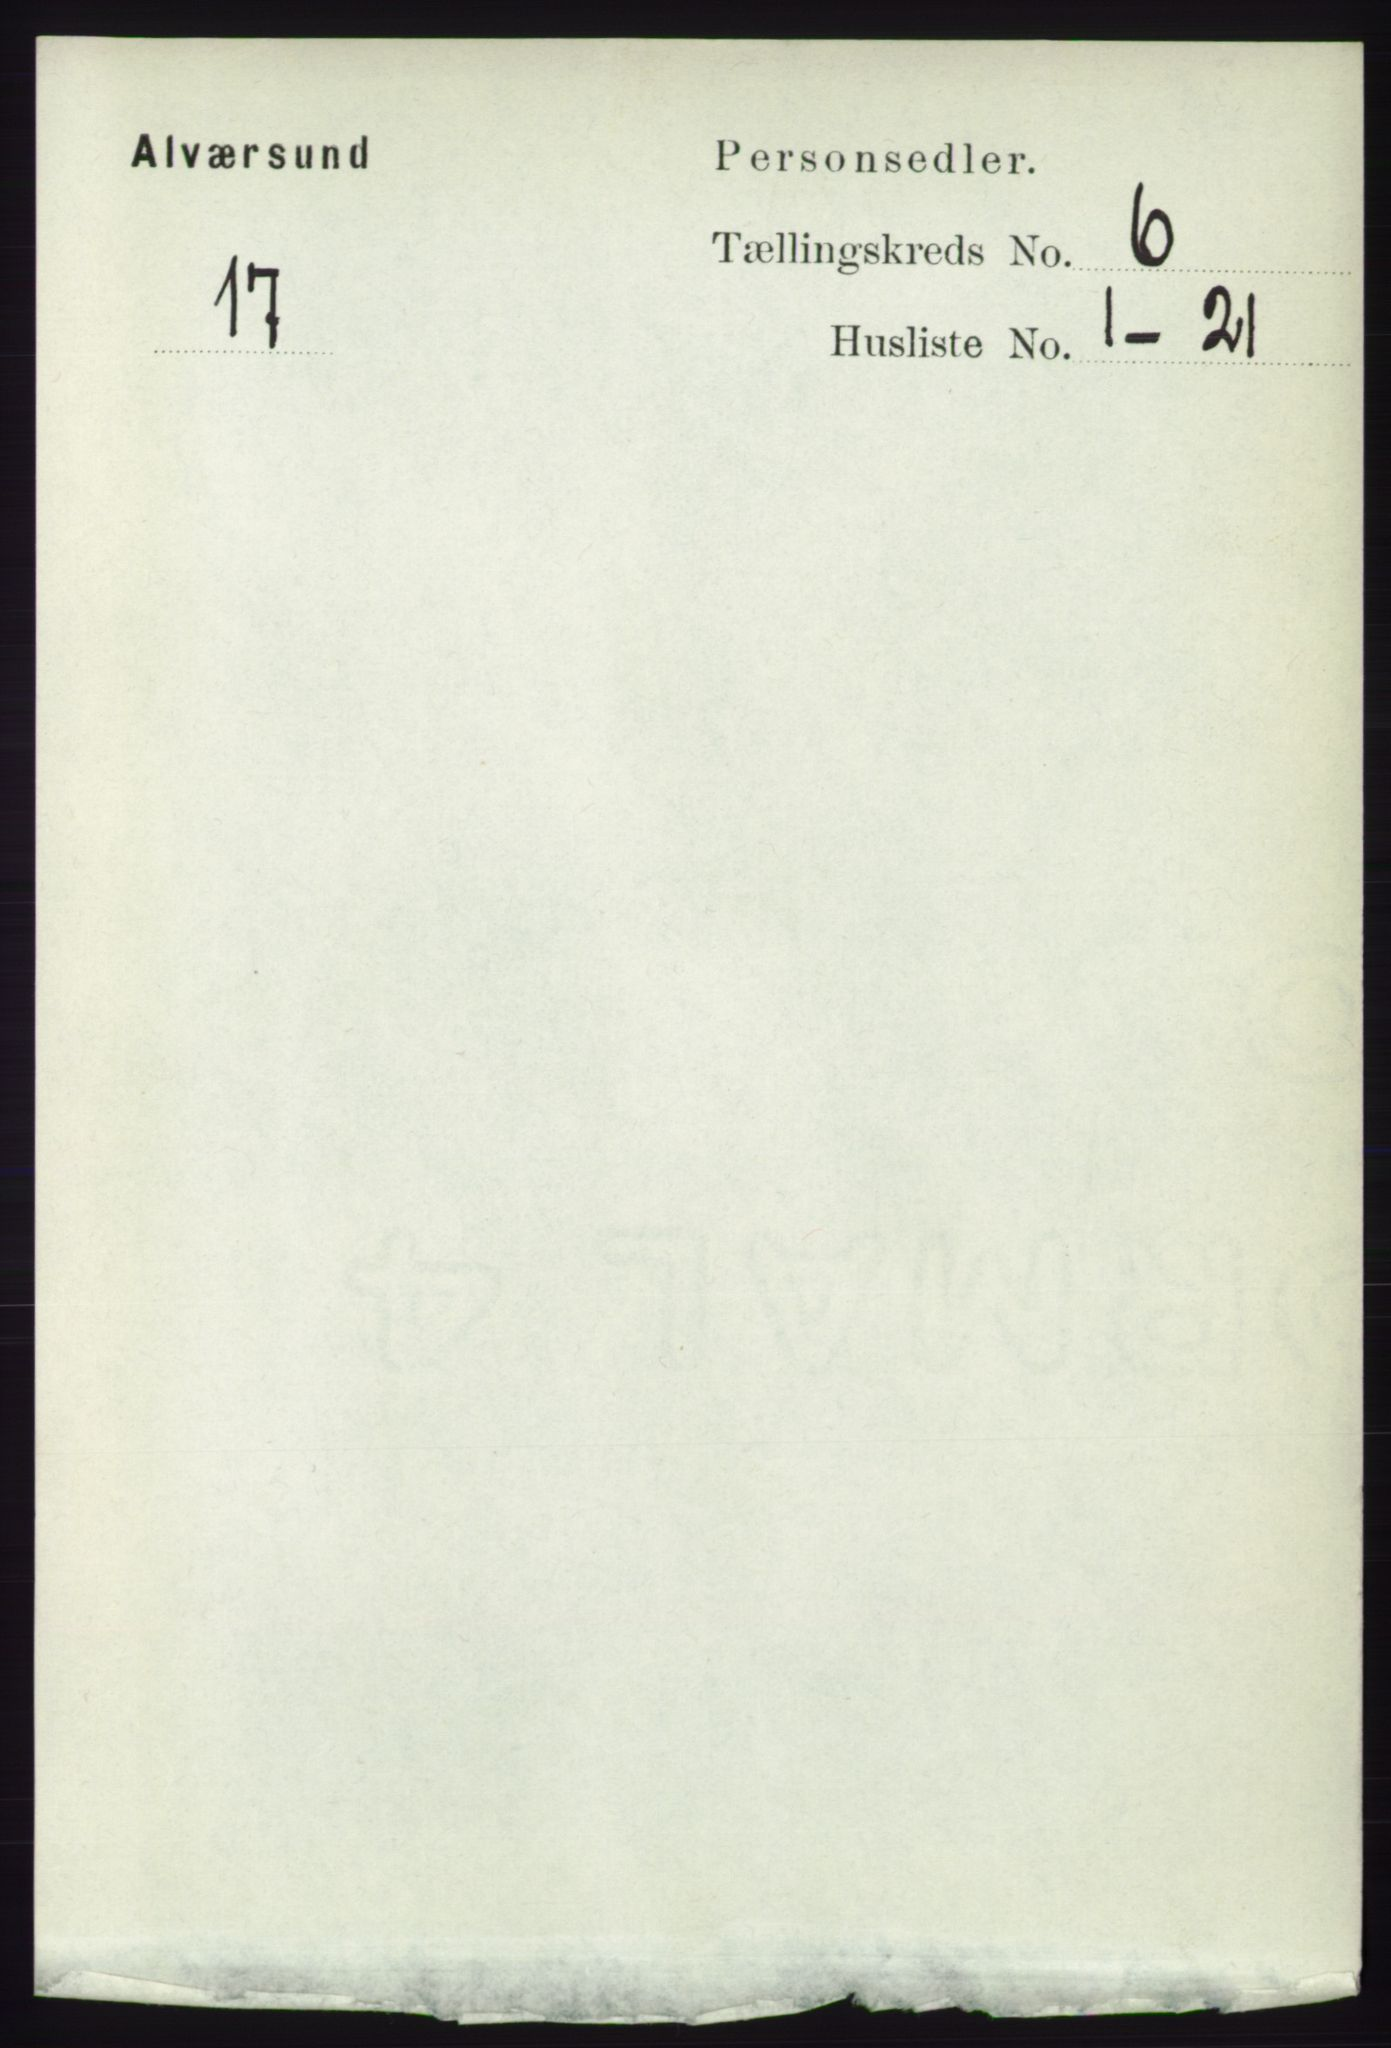 RA, Folketelling 1891 for 1257 Alversund herred, 1891, s. 2046